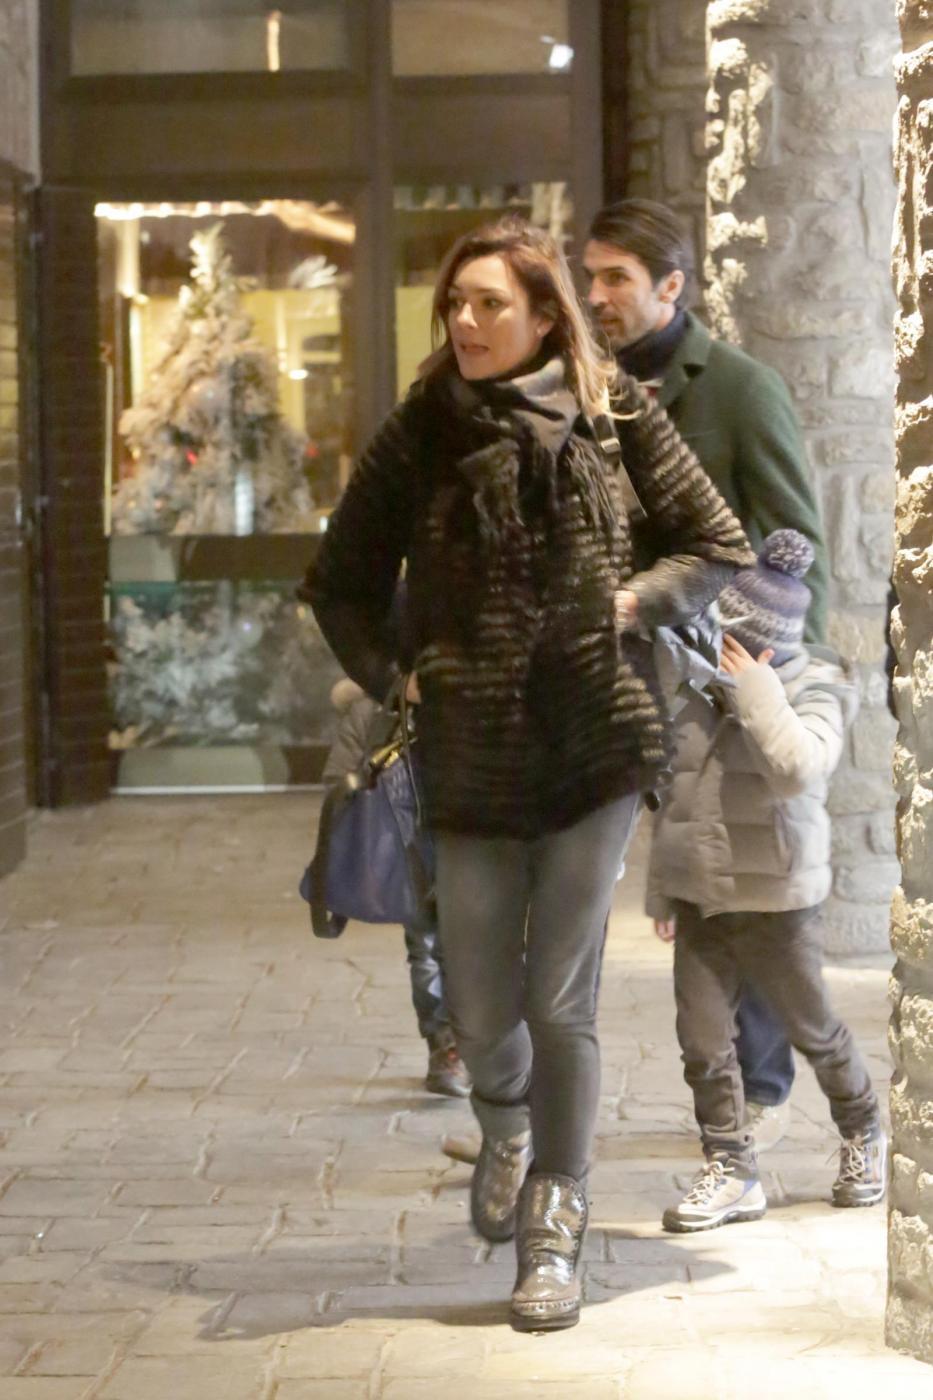 Gigi Buffon e Alena Seredova in crisi Macché, eccoli insieme a Courmayeur01